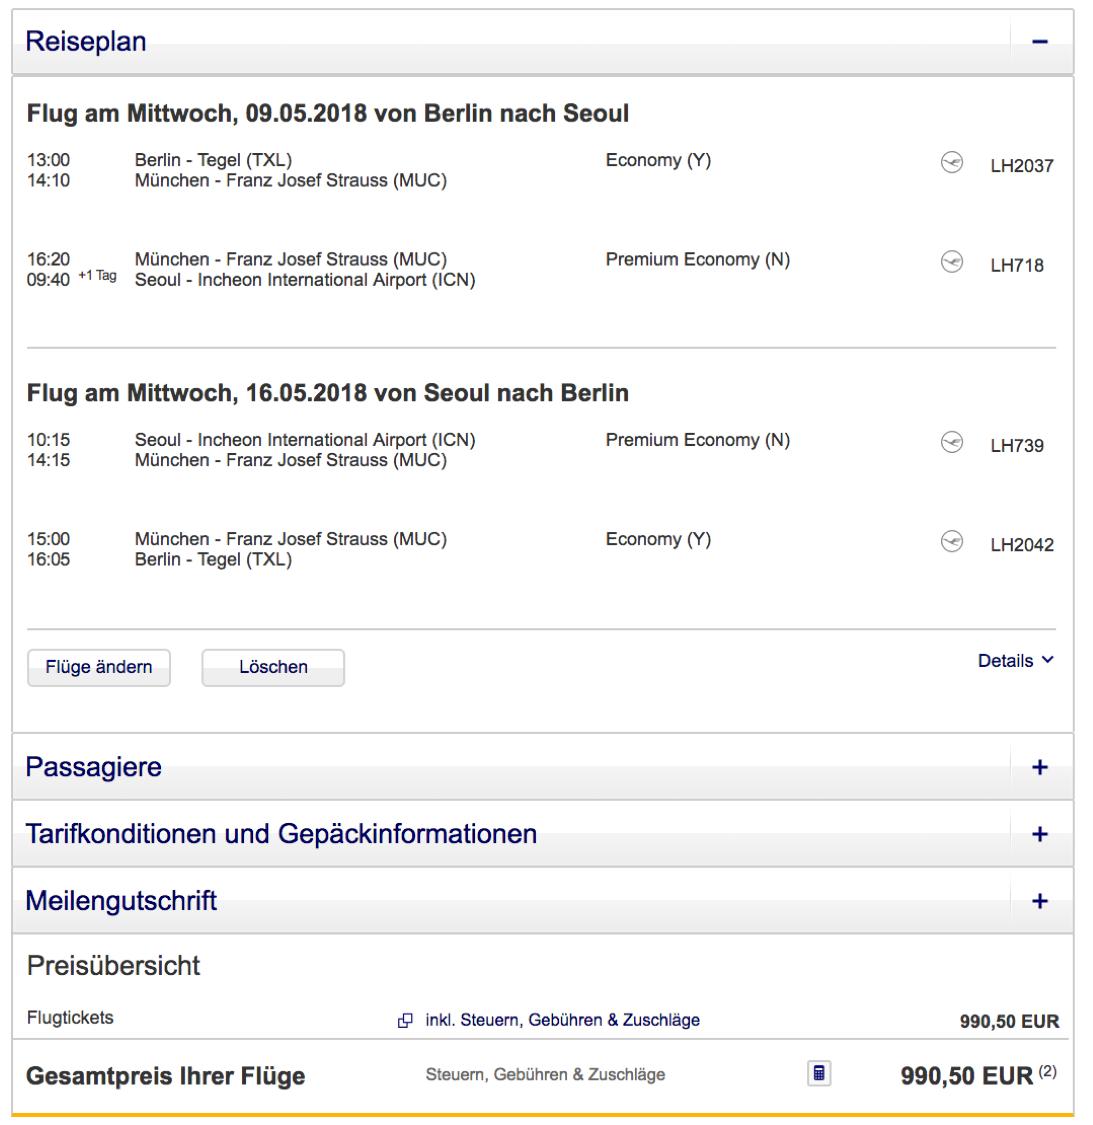 Lufthansa Premium Economy Class Angebote nach asien